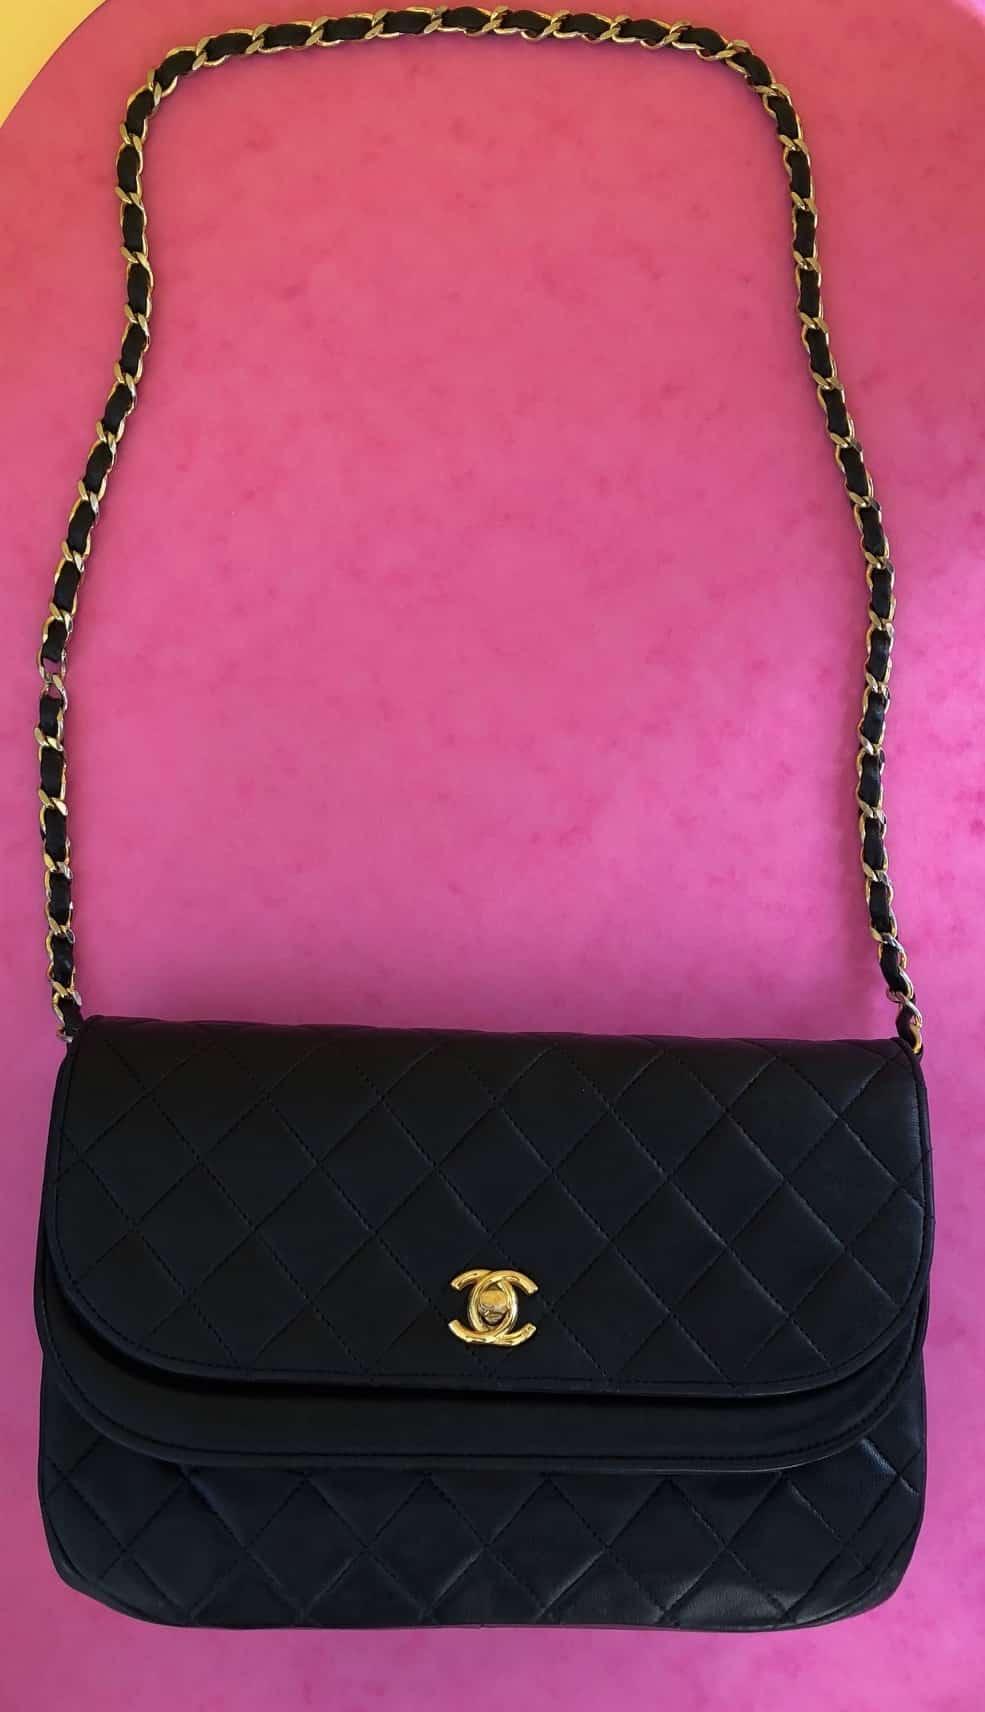 af6c09f5acde2b CHANEL 2.55 Vintage Double Flap Bag 1995